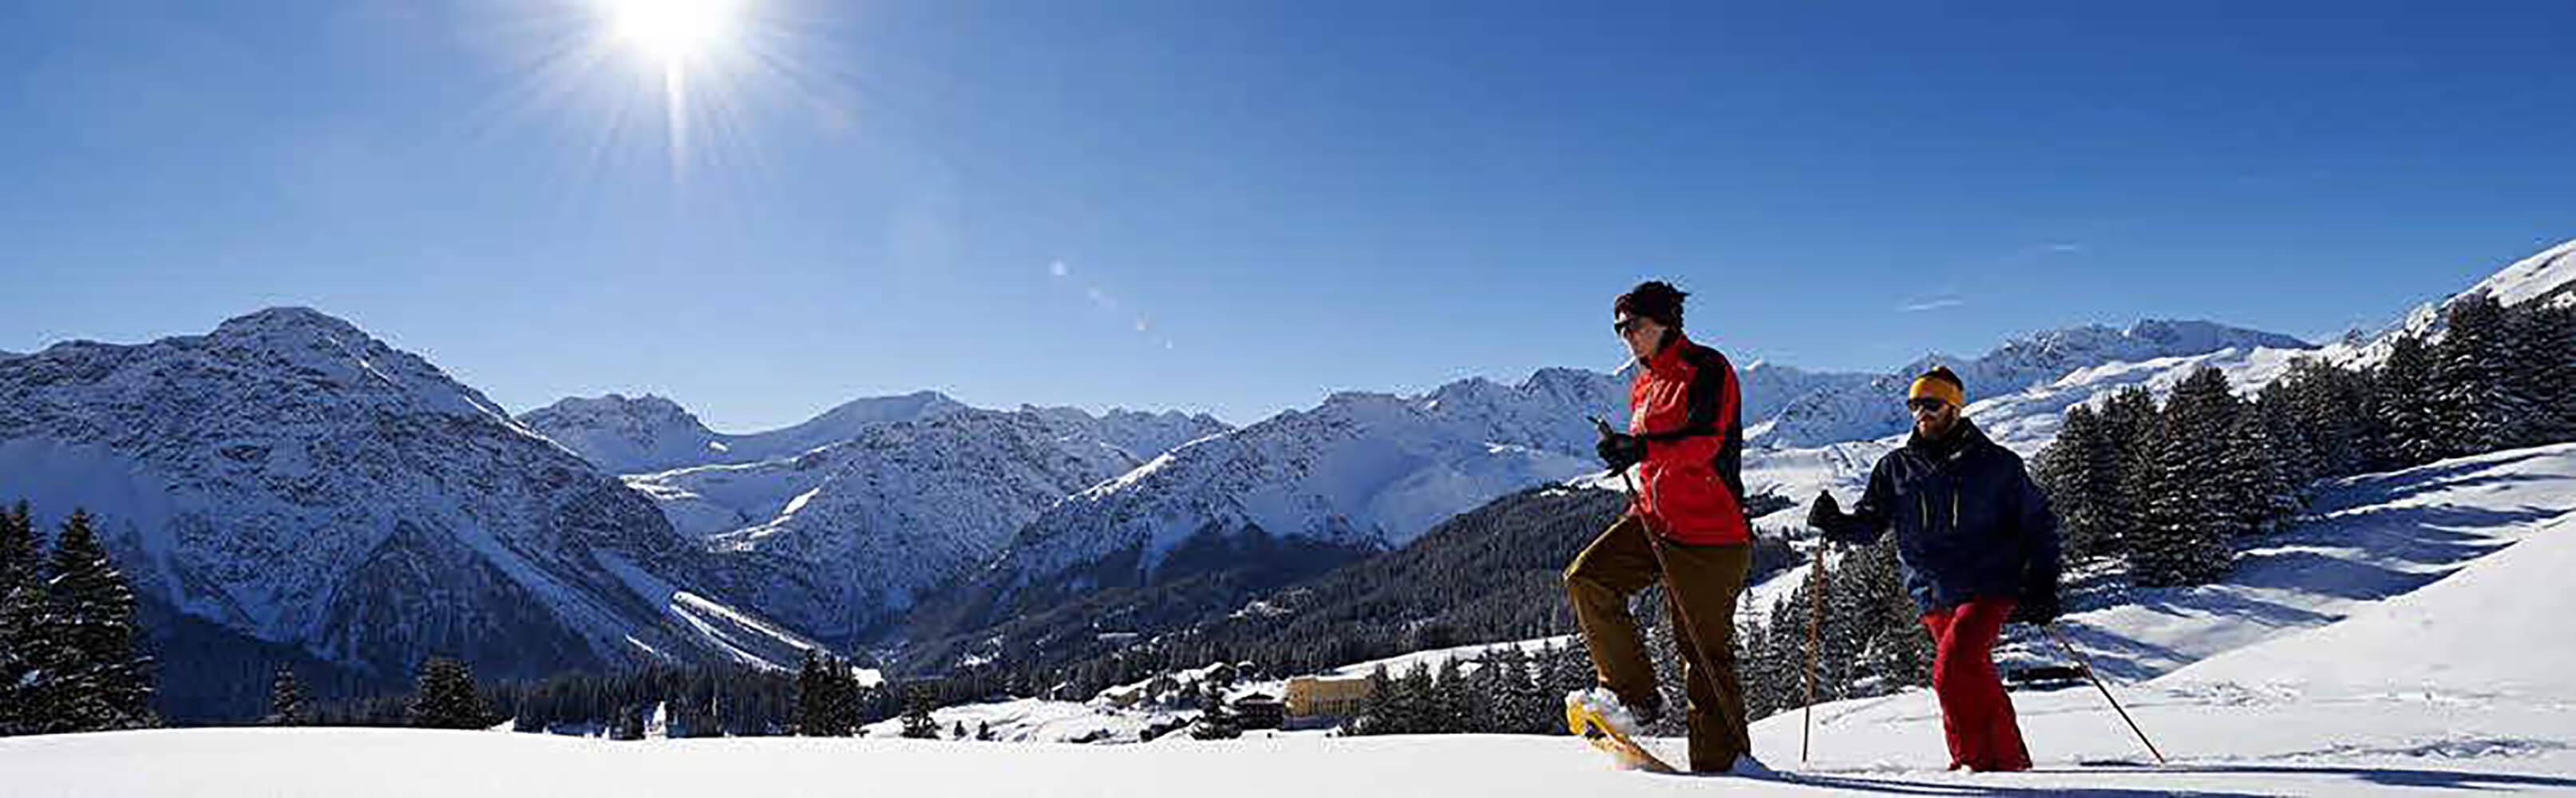 Arosa Schneeschuhtouren  1